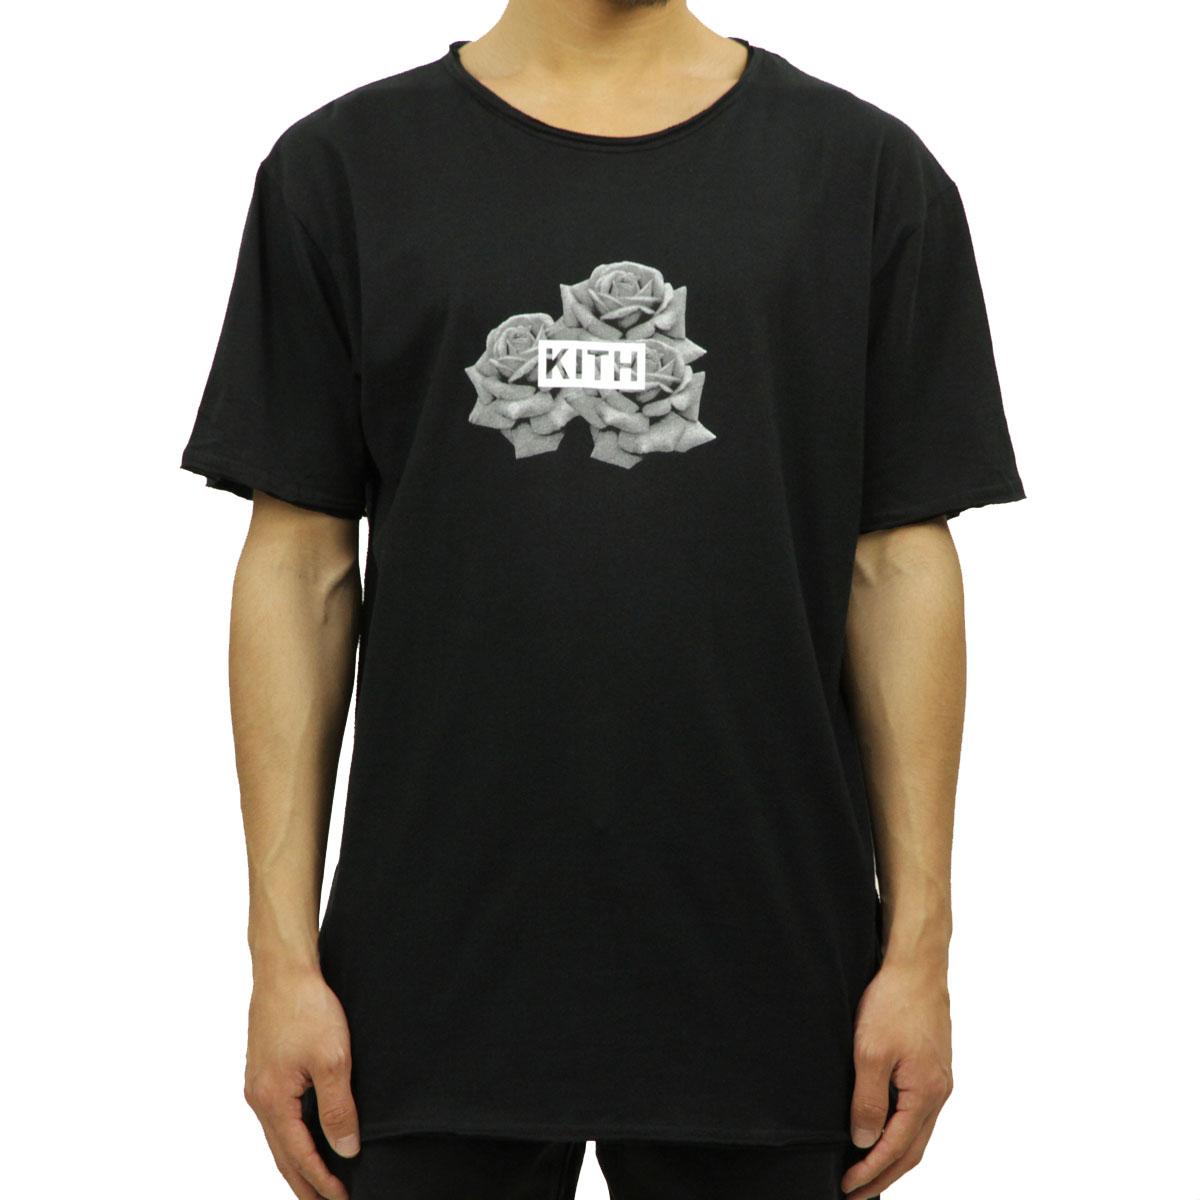 キス KITH 正規品 メンズ 半袖Tシャツ KITH CLASSICS 3 ROSES FRAY TEE BLACK KH3086-100